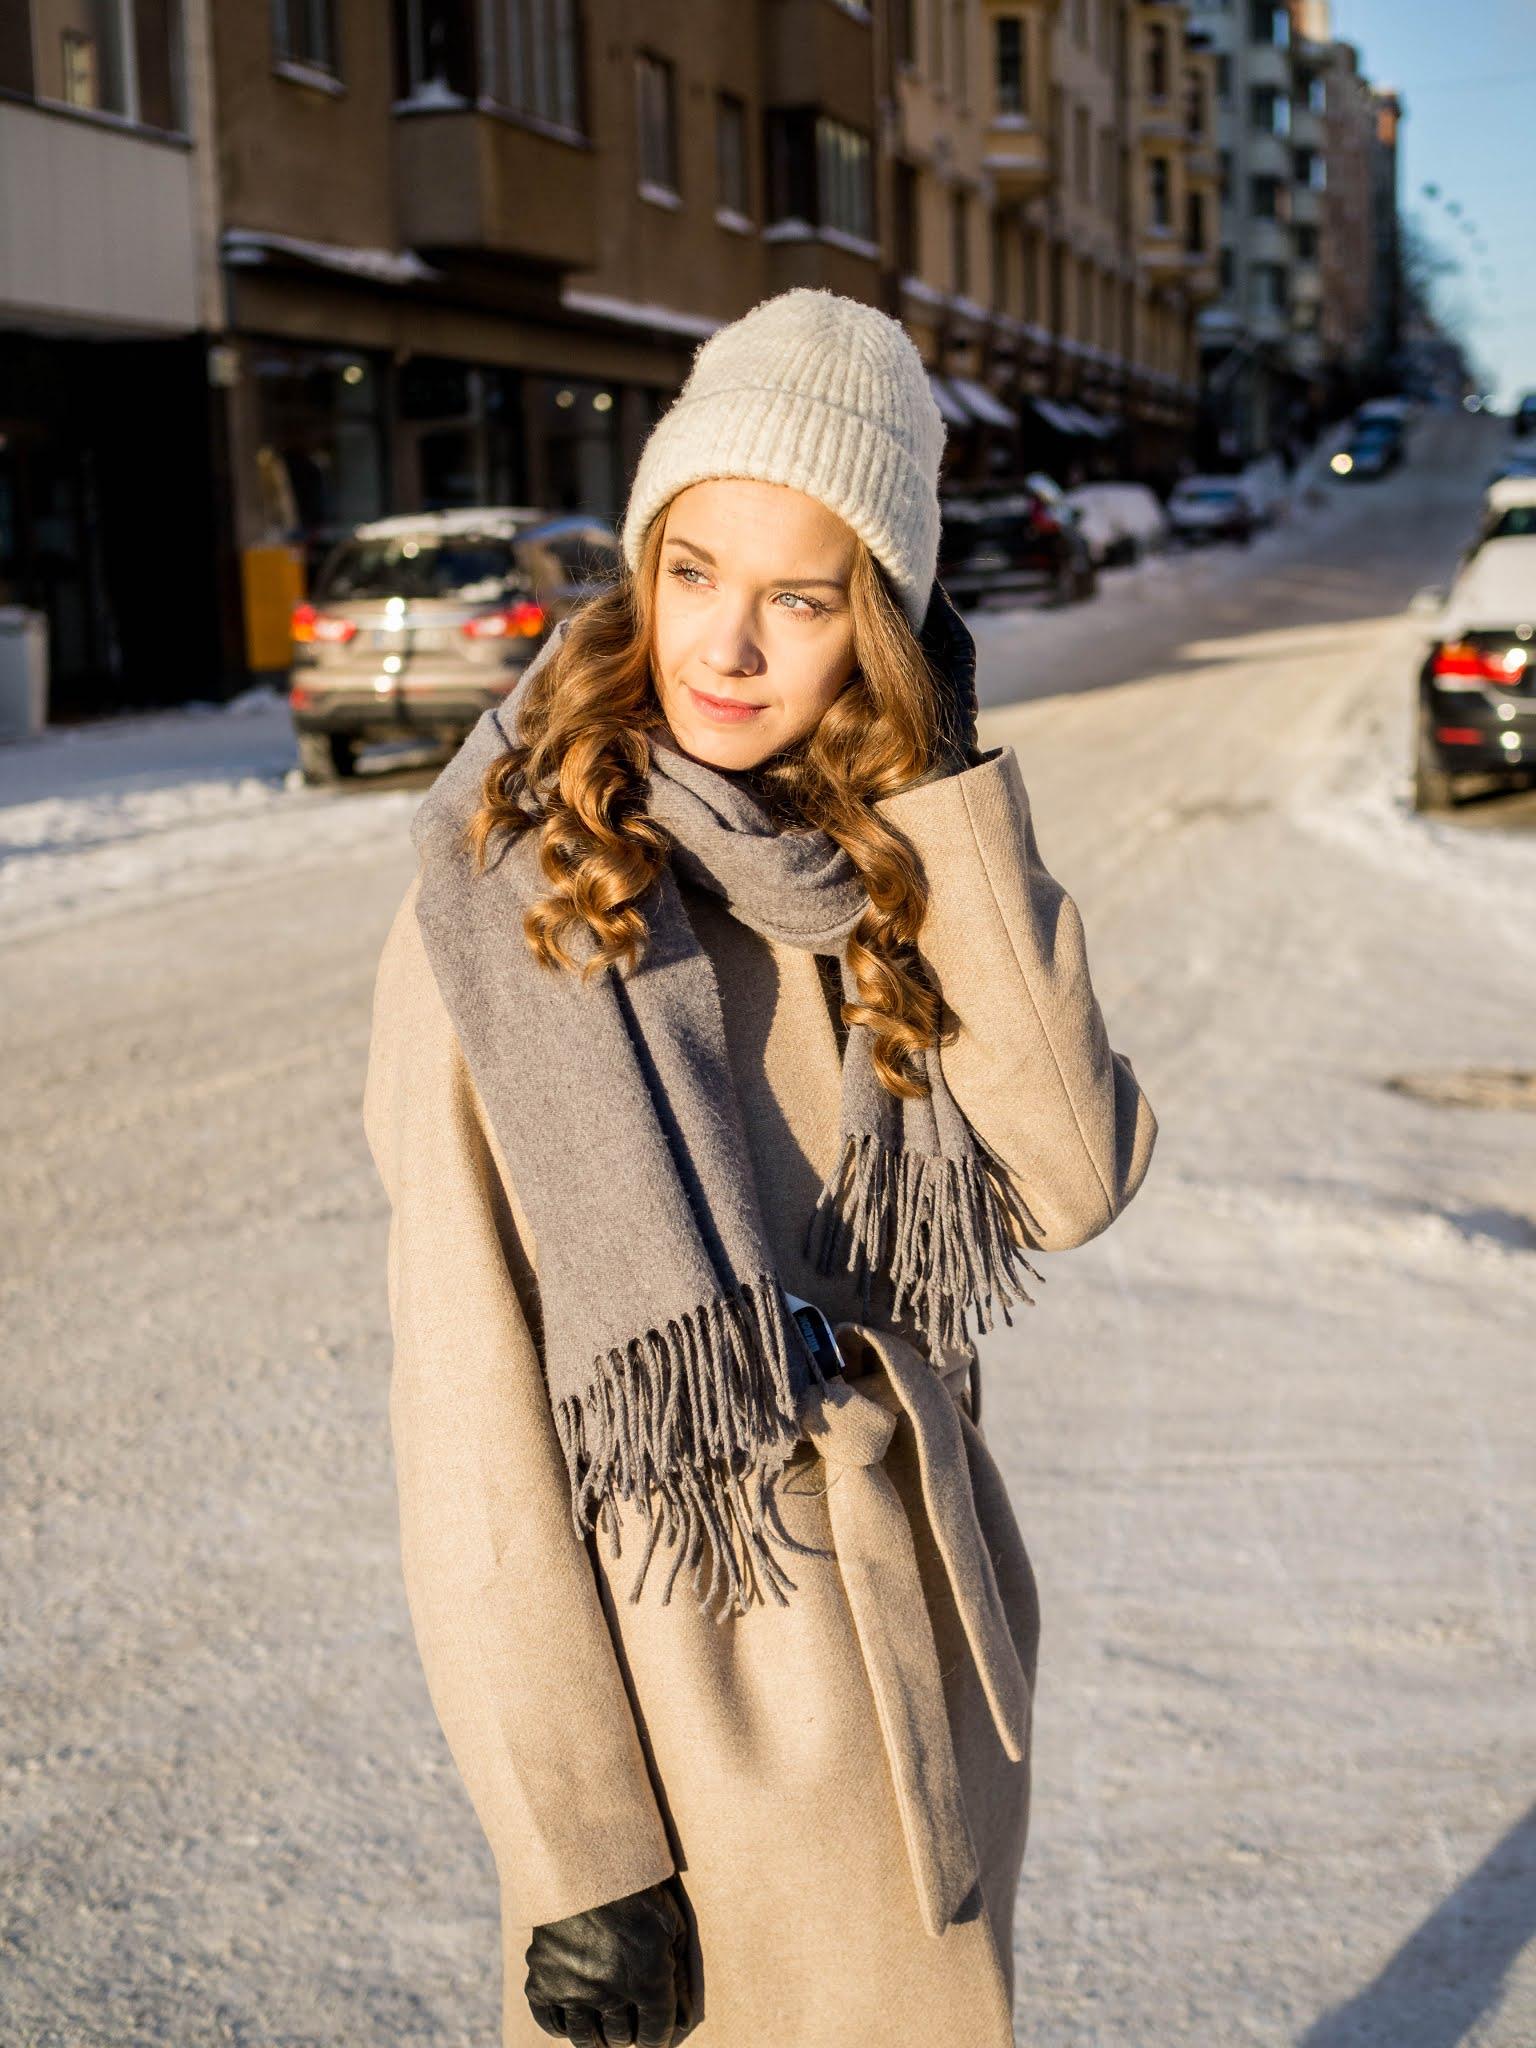 Kuinka pukeutua tyylikkäästi talvella // How to dress stylishly in winter